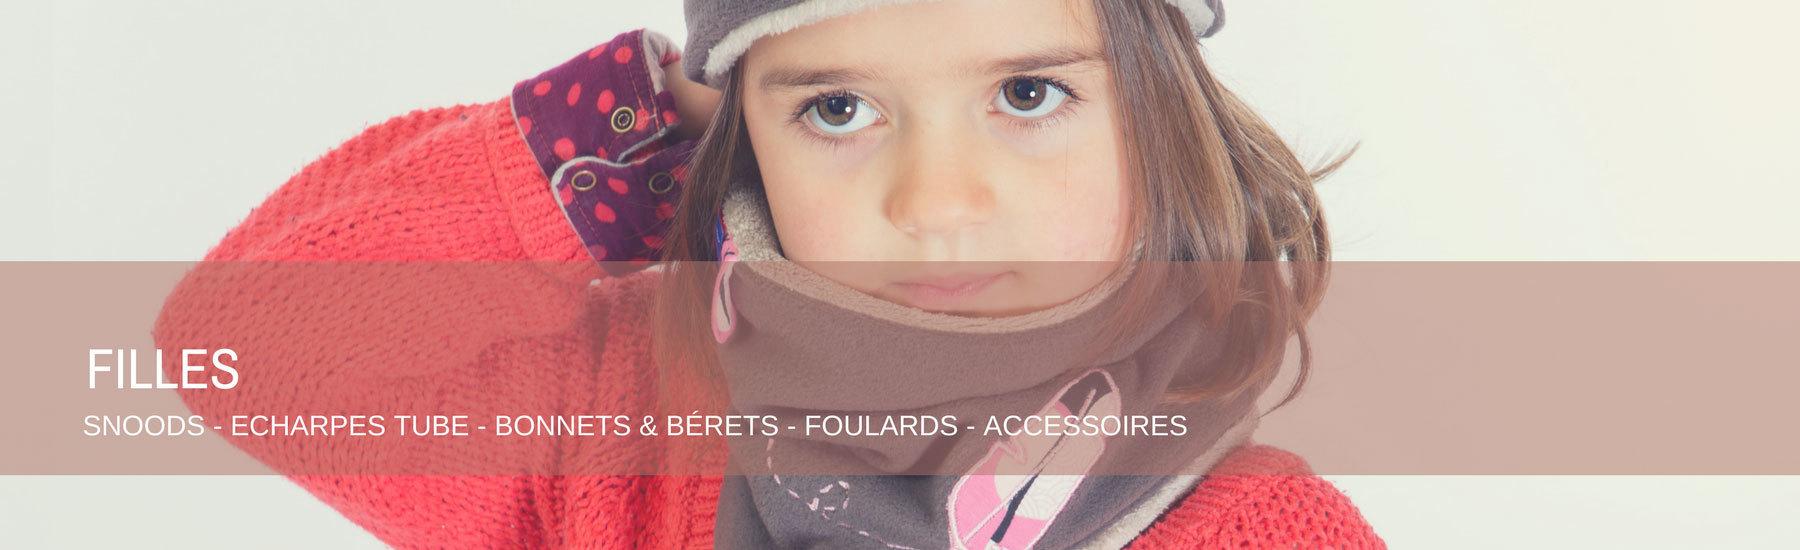 Echarpes et foulards tube, bonnets et bérets, accessoires, sacs, badges et miroirs filles red de pois